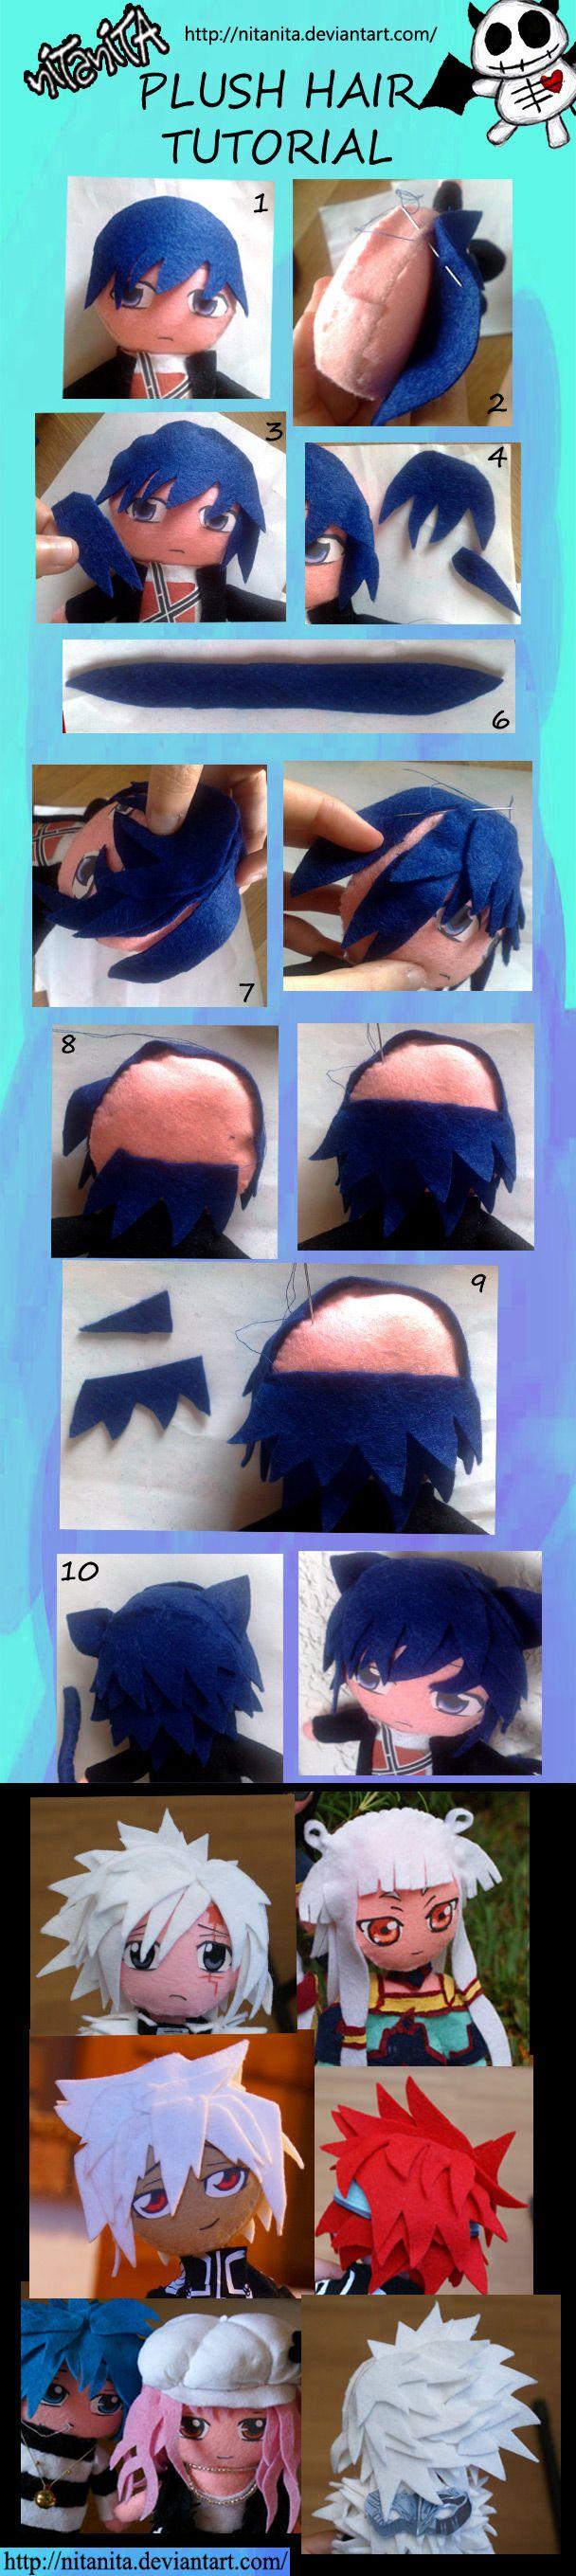 Plush Hair tutorial by ~nitanita on deviantART